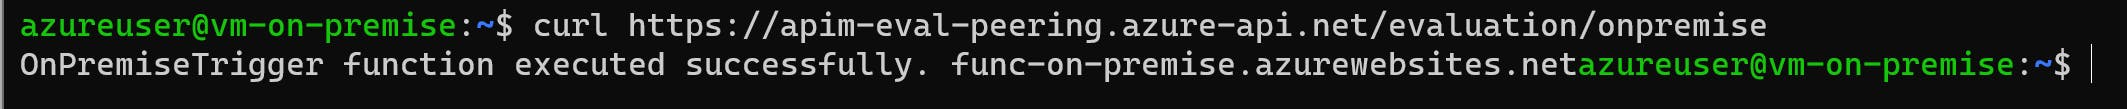 peering-curl-on-premise-on-premise.png